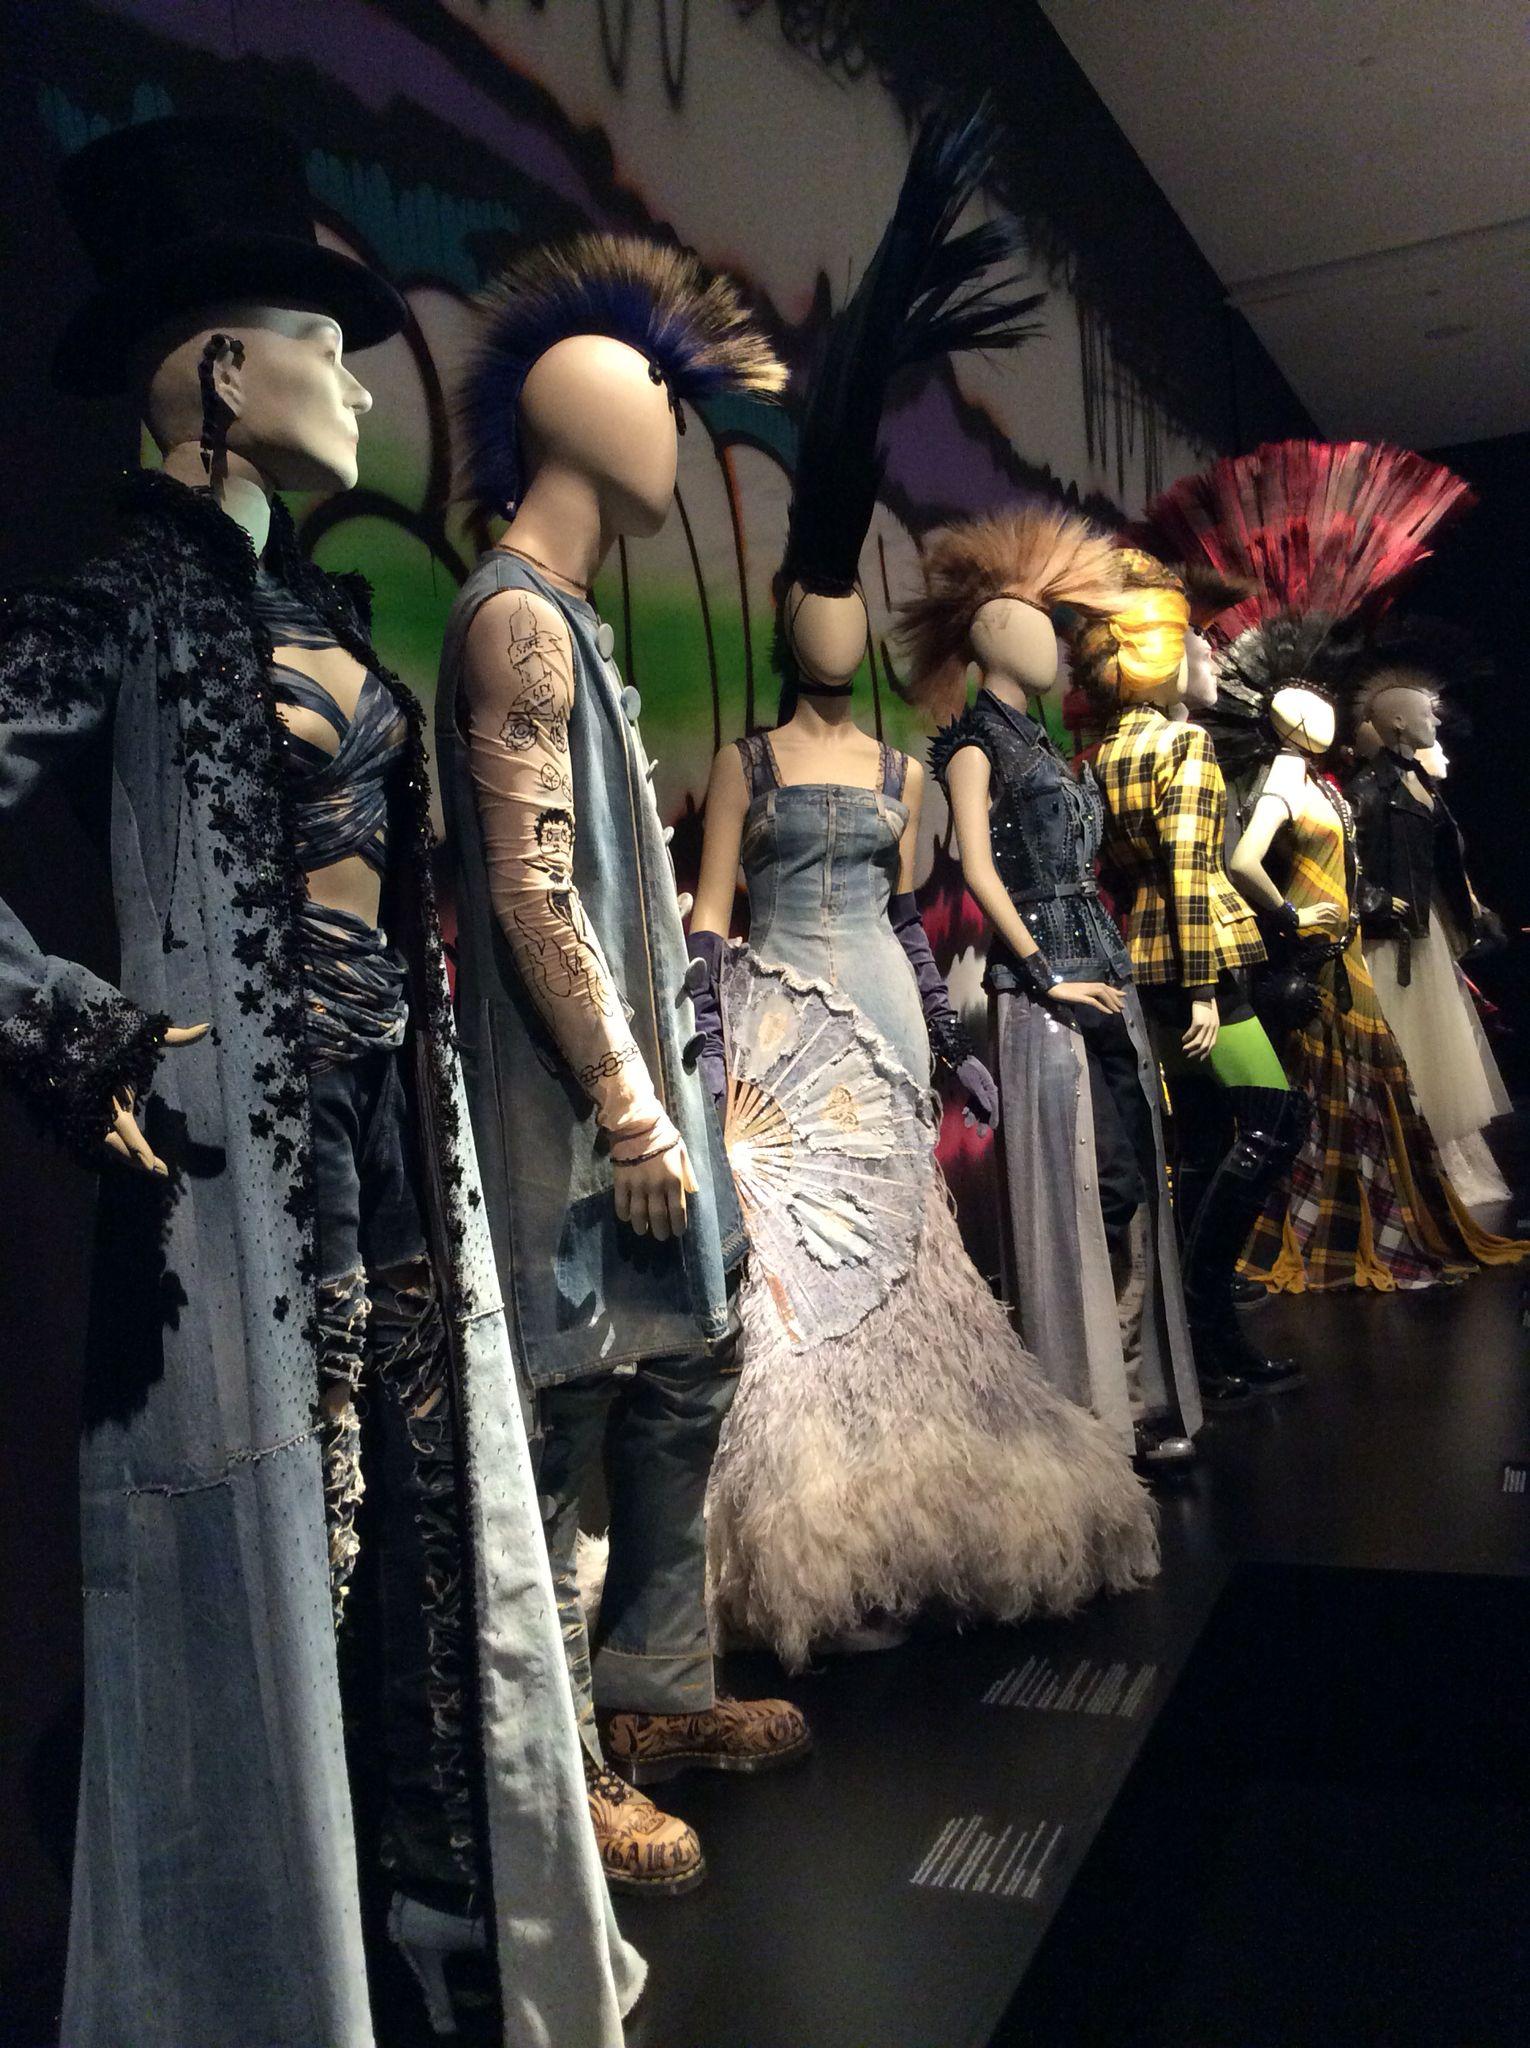 Jean Paul Gaultier Haute Couture Fashion Exhibition - Munich - 2016-01-22